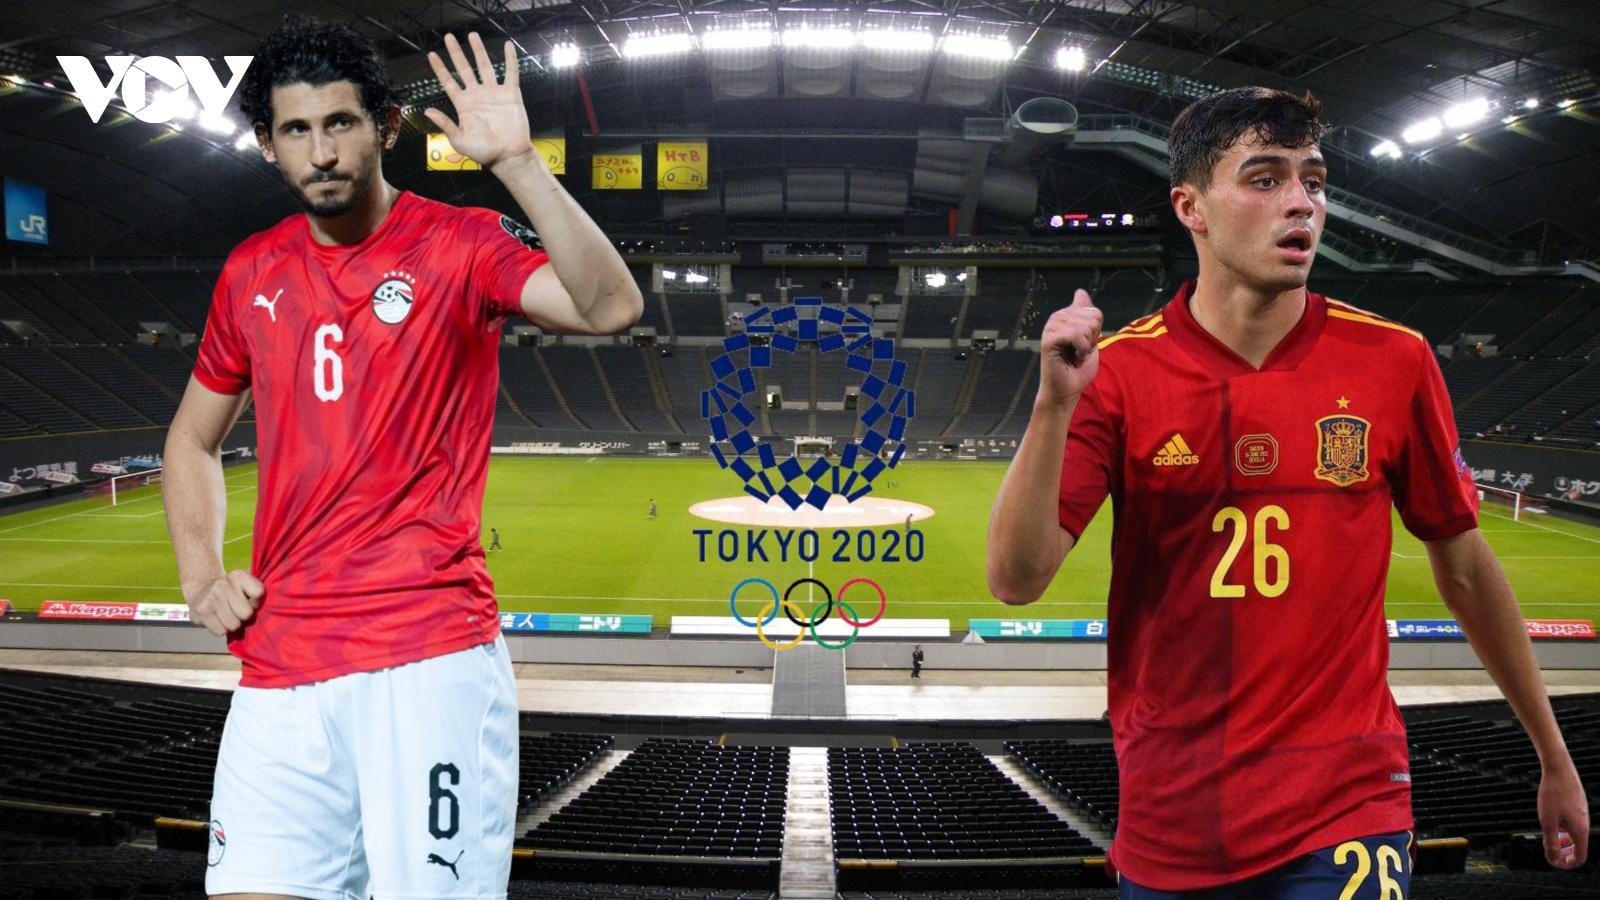 Dự đoán kết quả, đội hình xuất phát trận Olympic Ai Cập - Olympic Tây Ban Nha